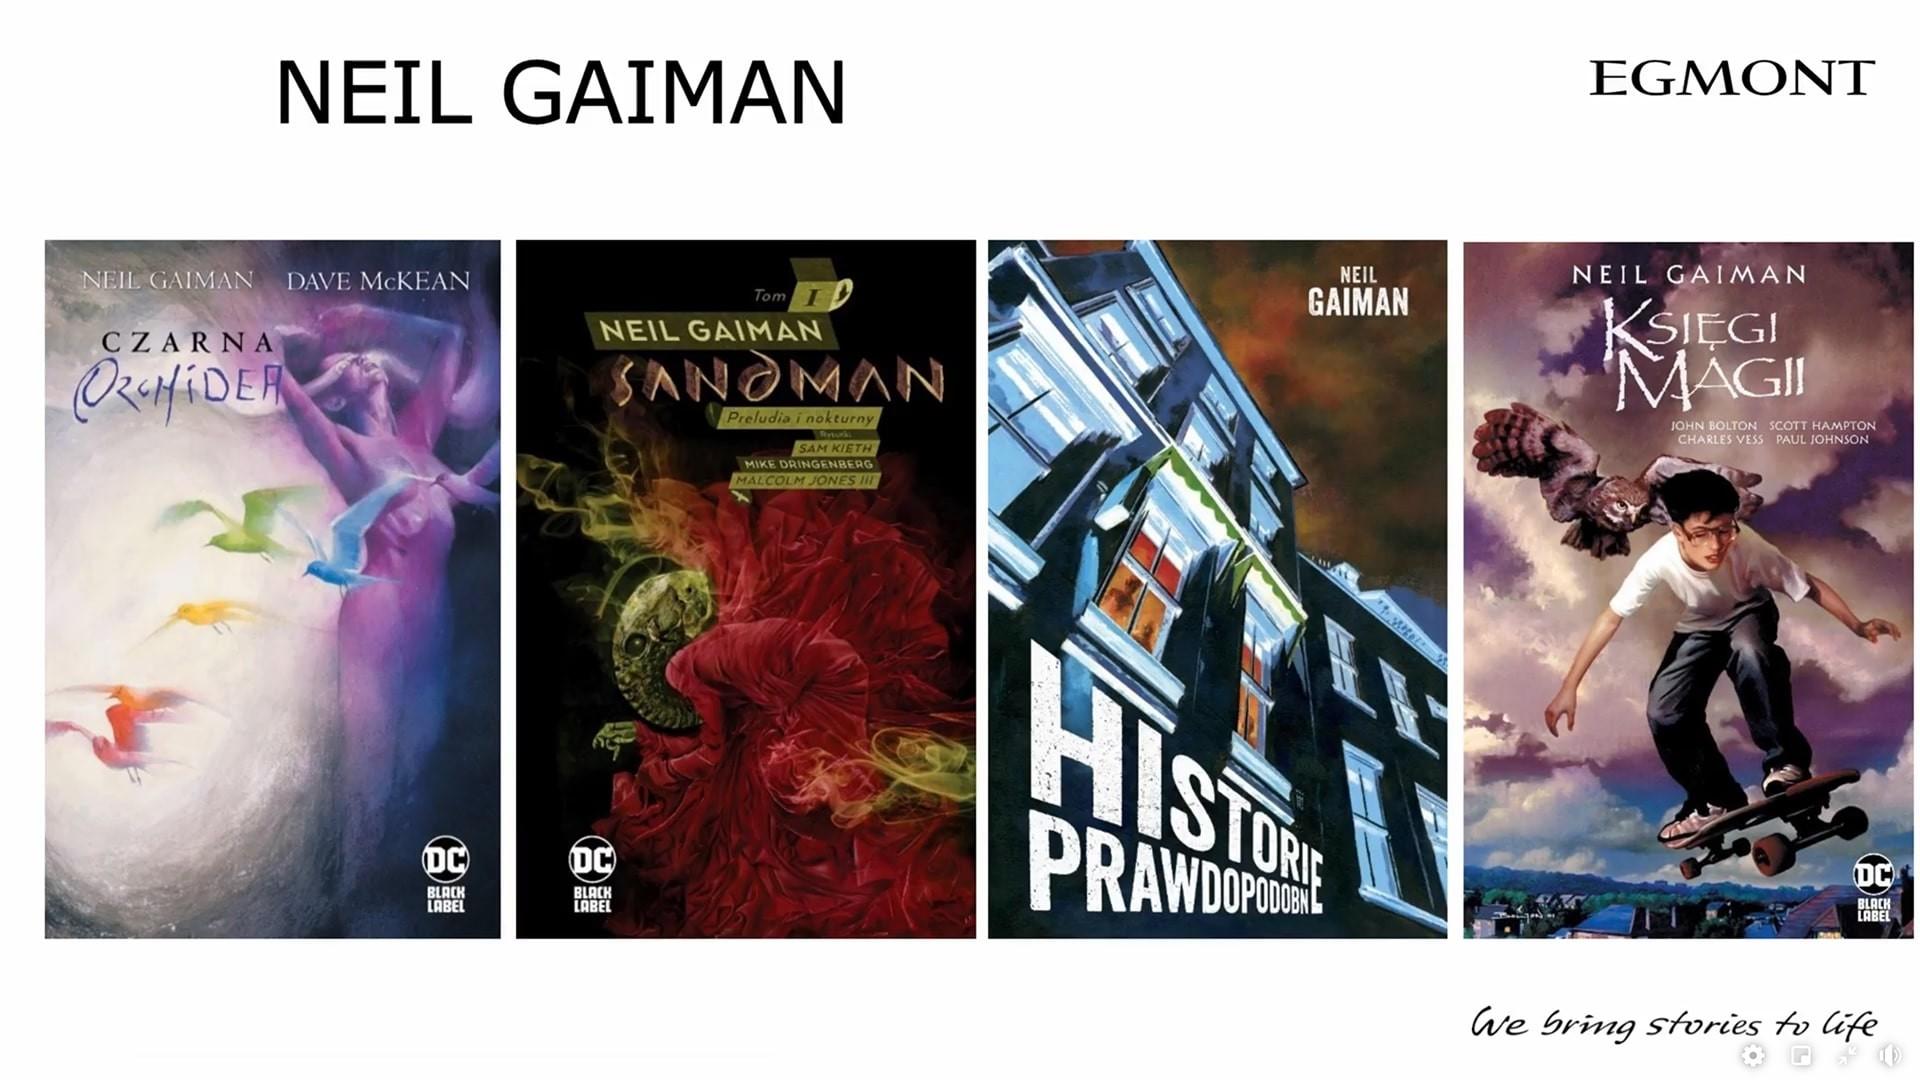 Neil Gaiman komiksy Egmontu na 2021 dwa tomy w 2021